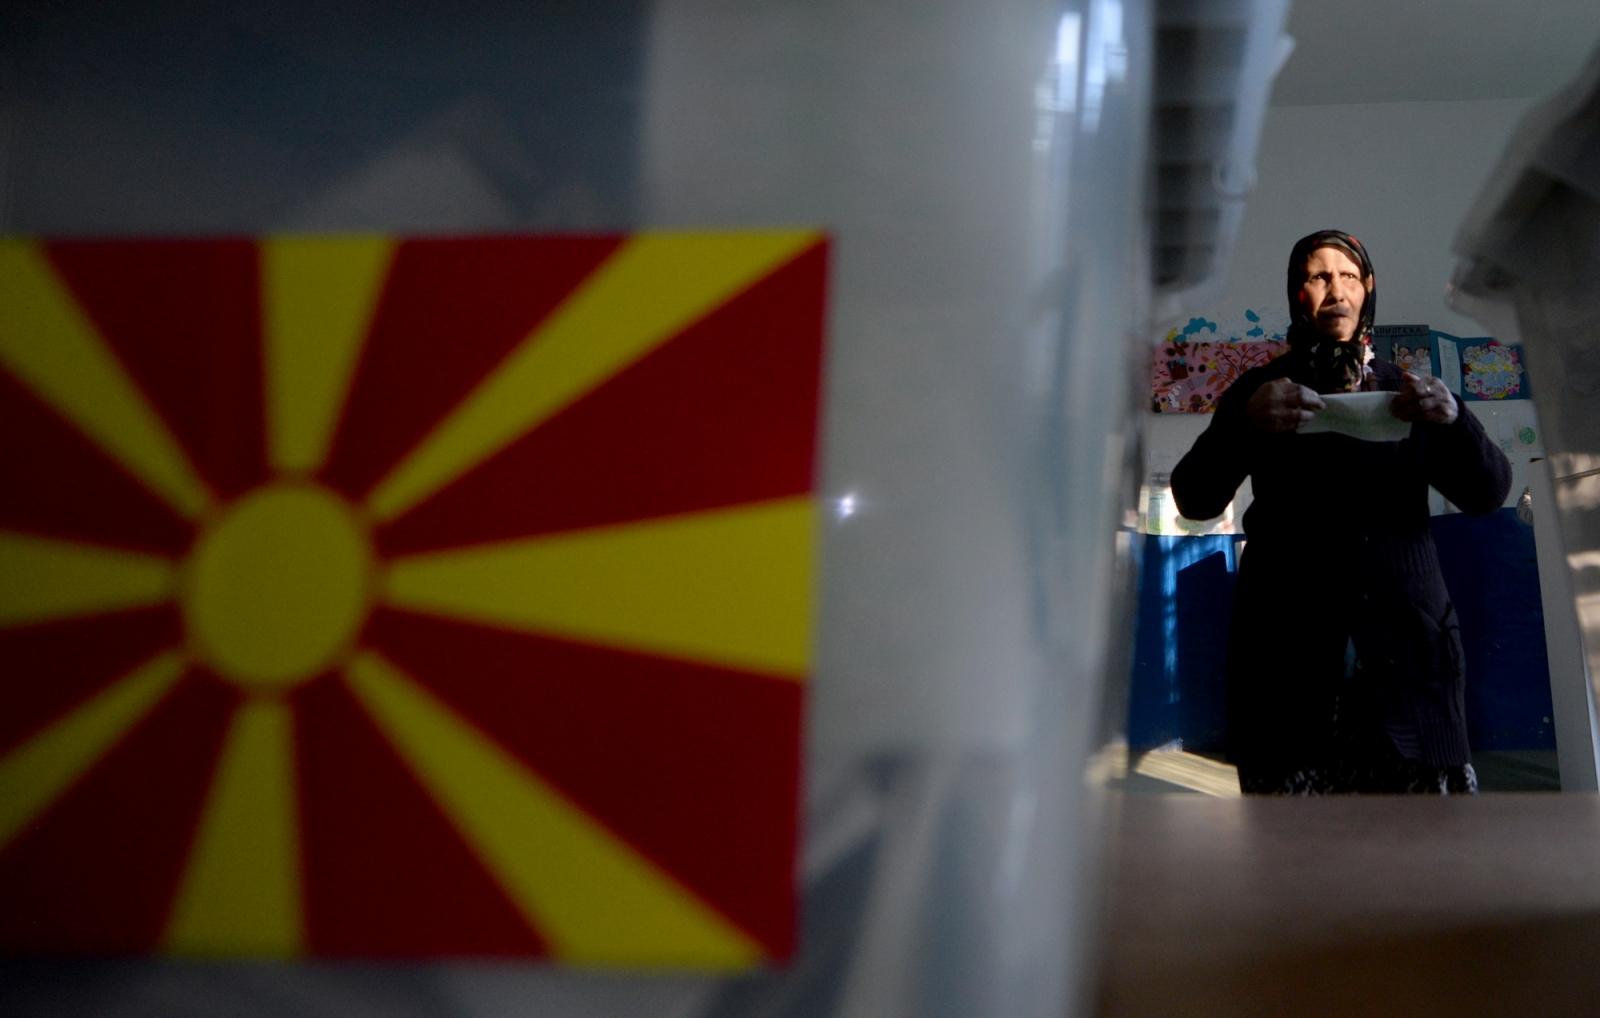 Προεδρικές εκλογές στη Βόρεια Μακεδονία: Ο ΟΑΣΕ παρουσιάζει σχέδιο επιτήρησης, σκεπτικισμός της αντιπολίτευσης για δίκαιες και δημοκρατικές εκλογές